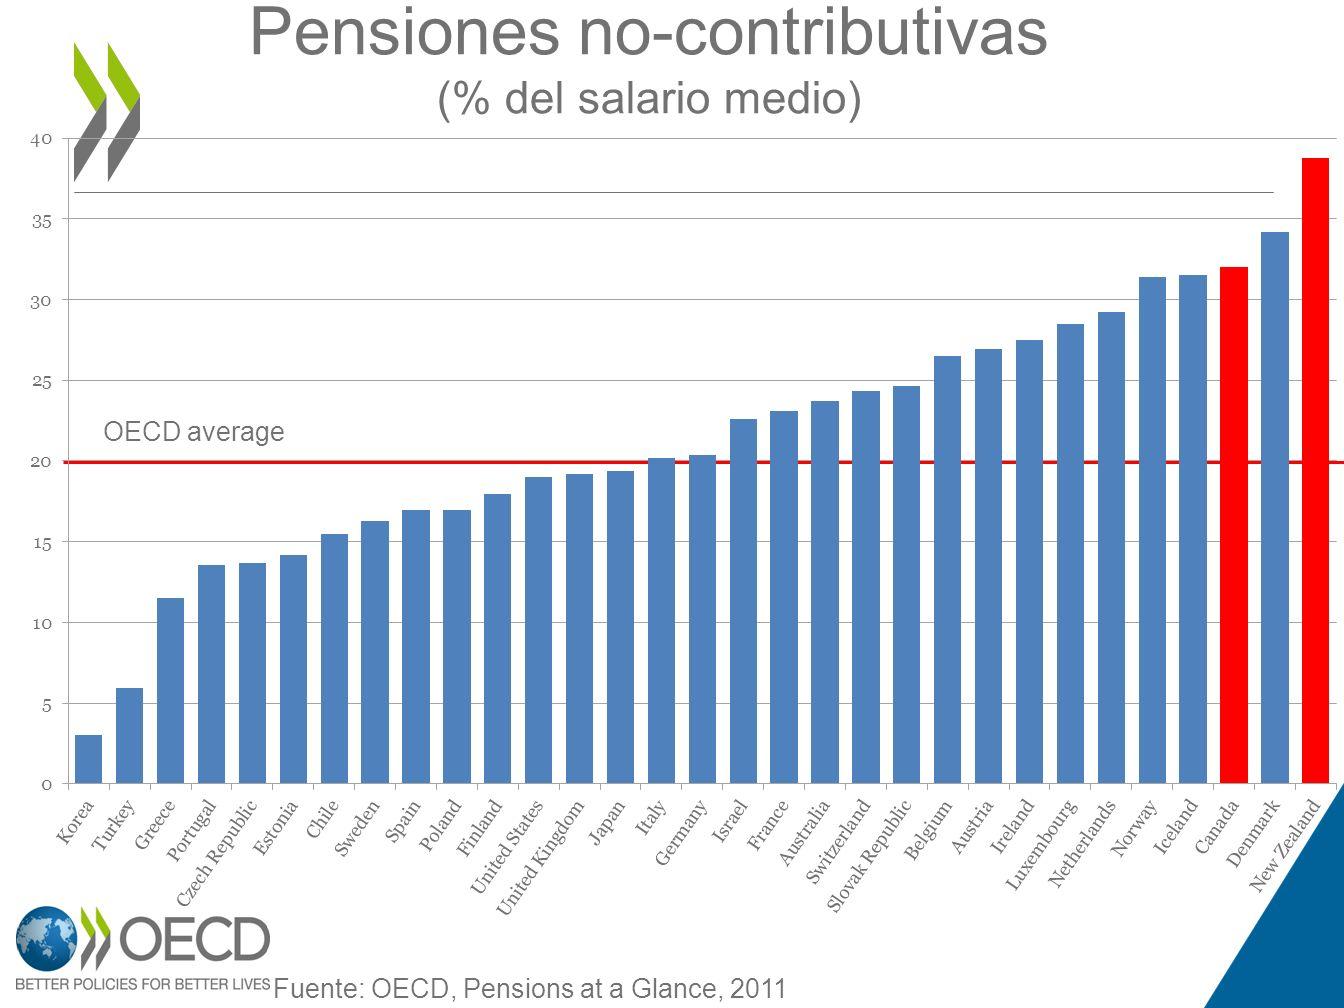 Pensiones no-contributivas (% del salario medio)